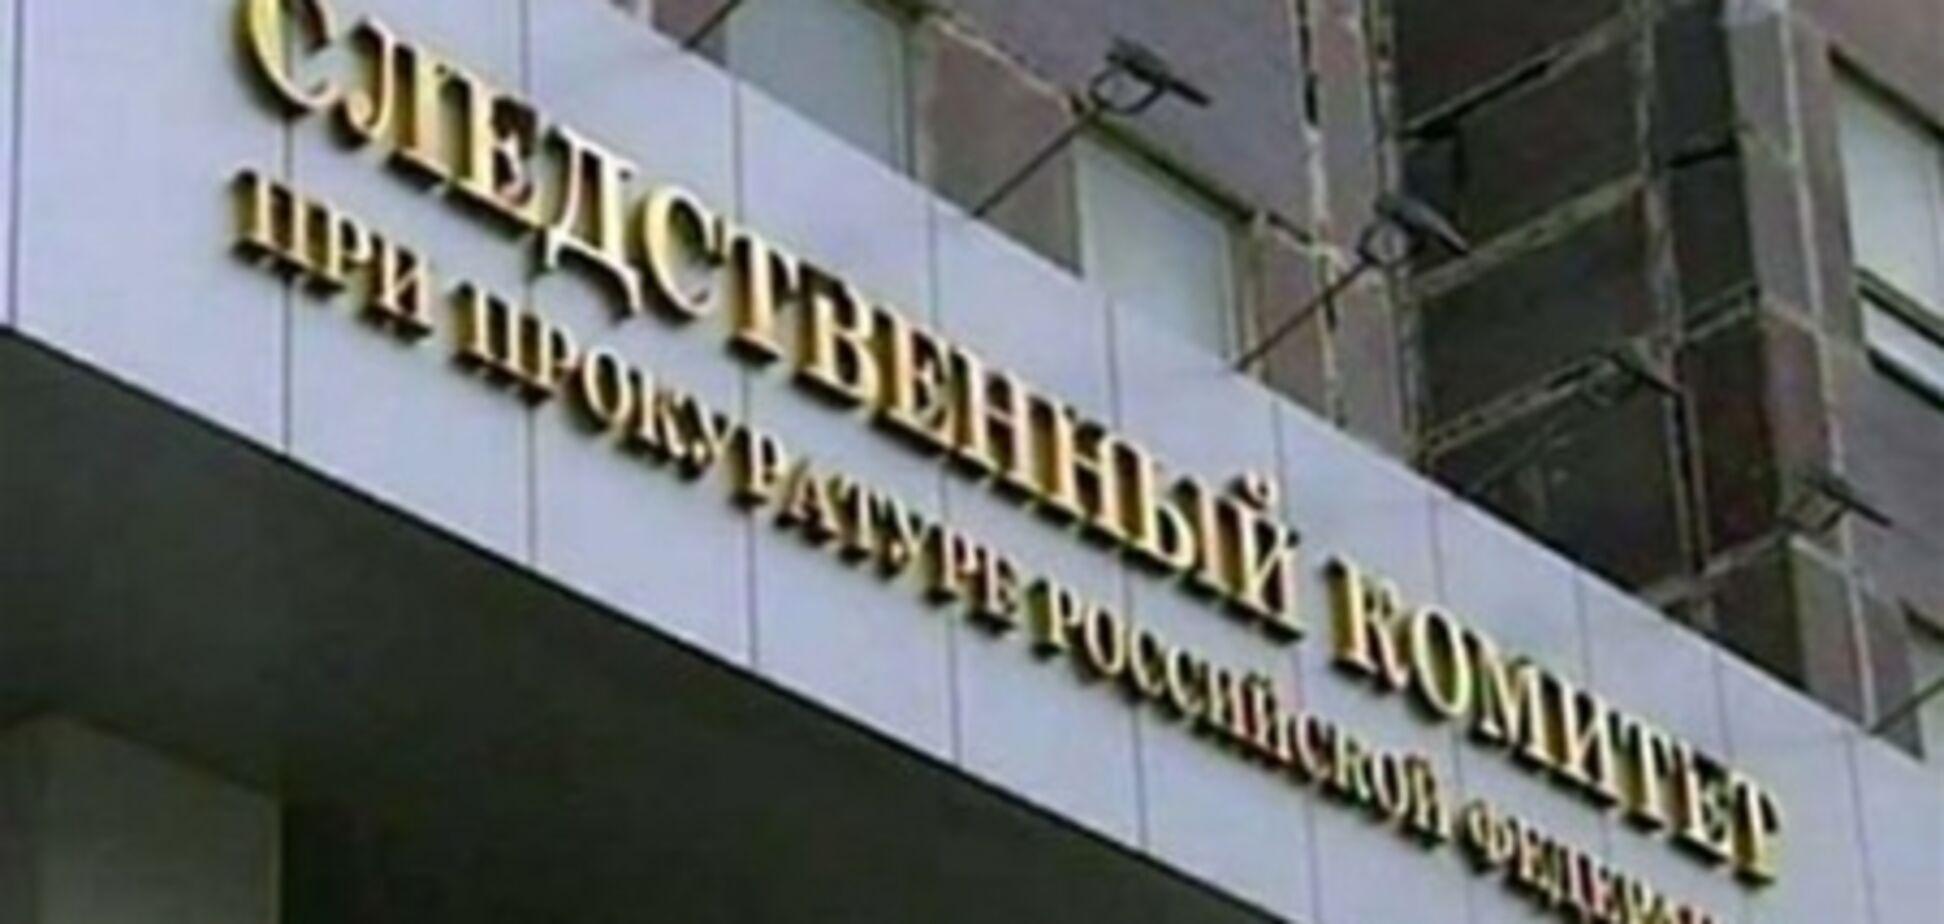 СК возбудил дело о насилии над российской сиротой в США